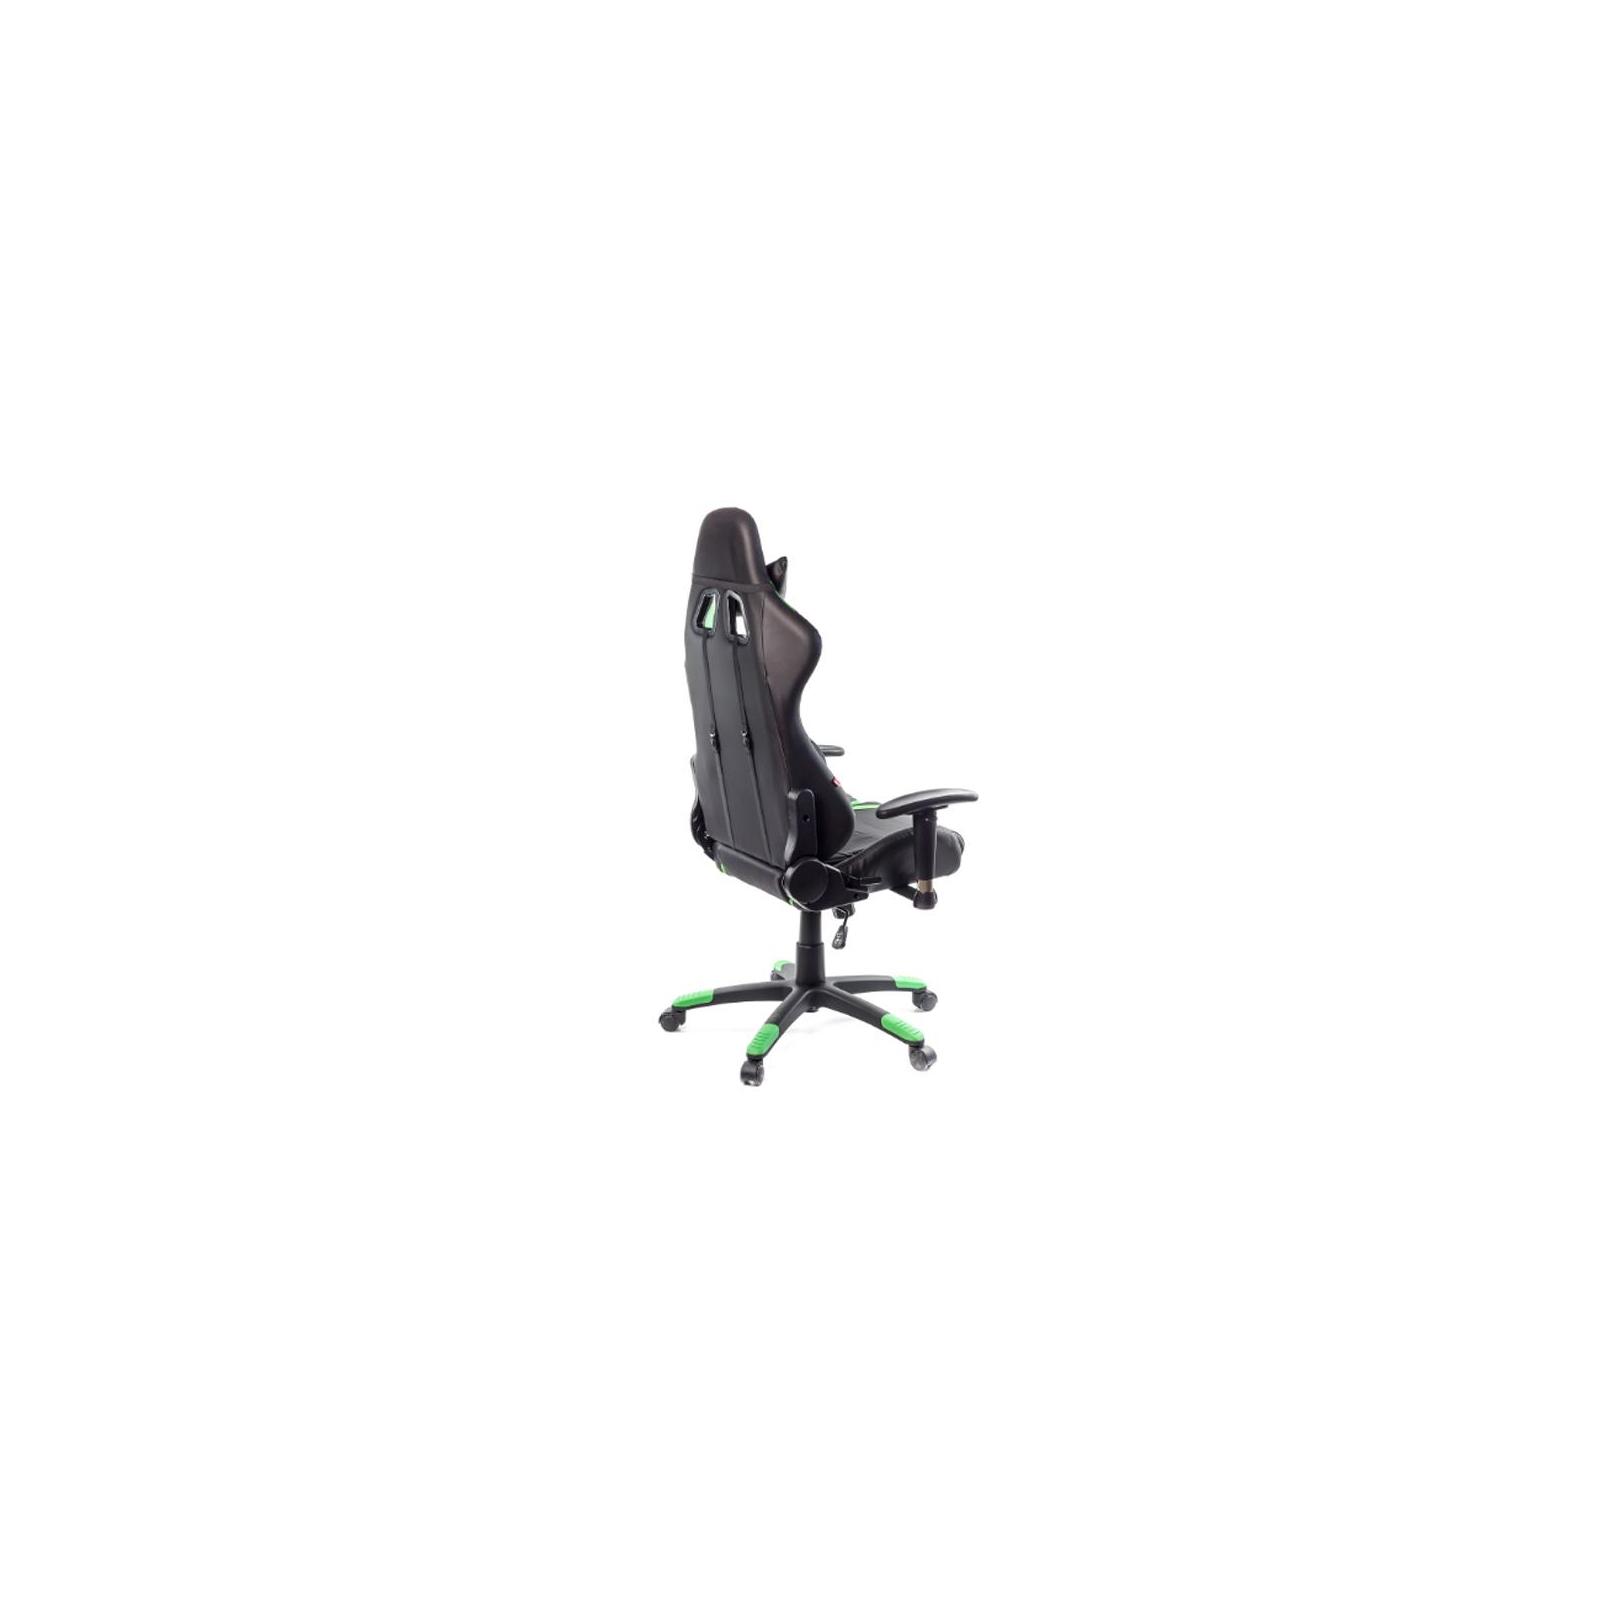 Кресло игровое АКЛАС Хорнет PL RL Зеленое (09442) изображение 5